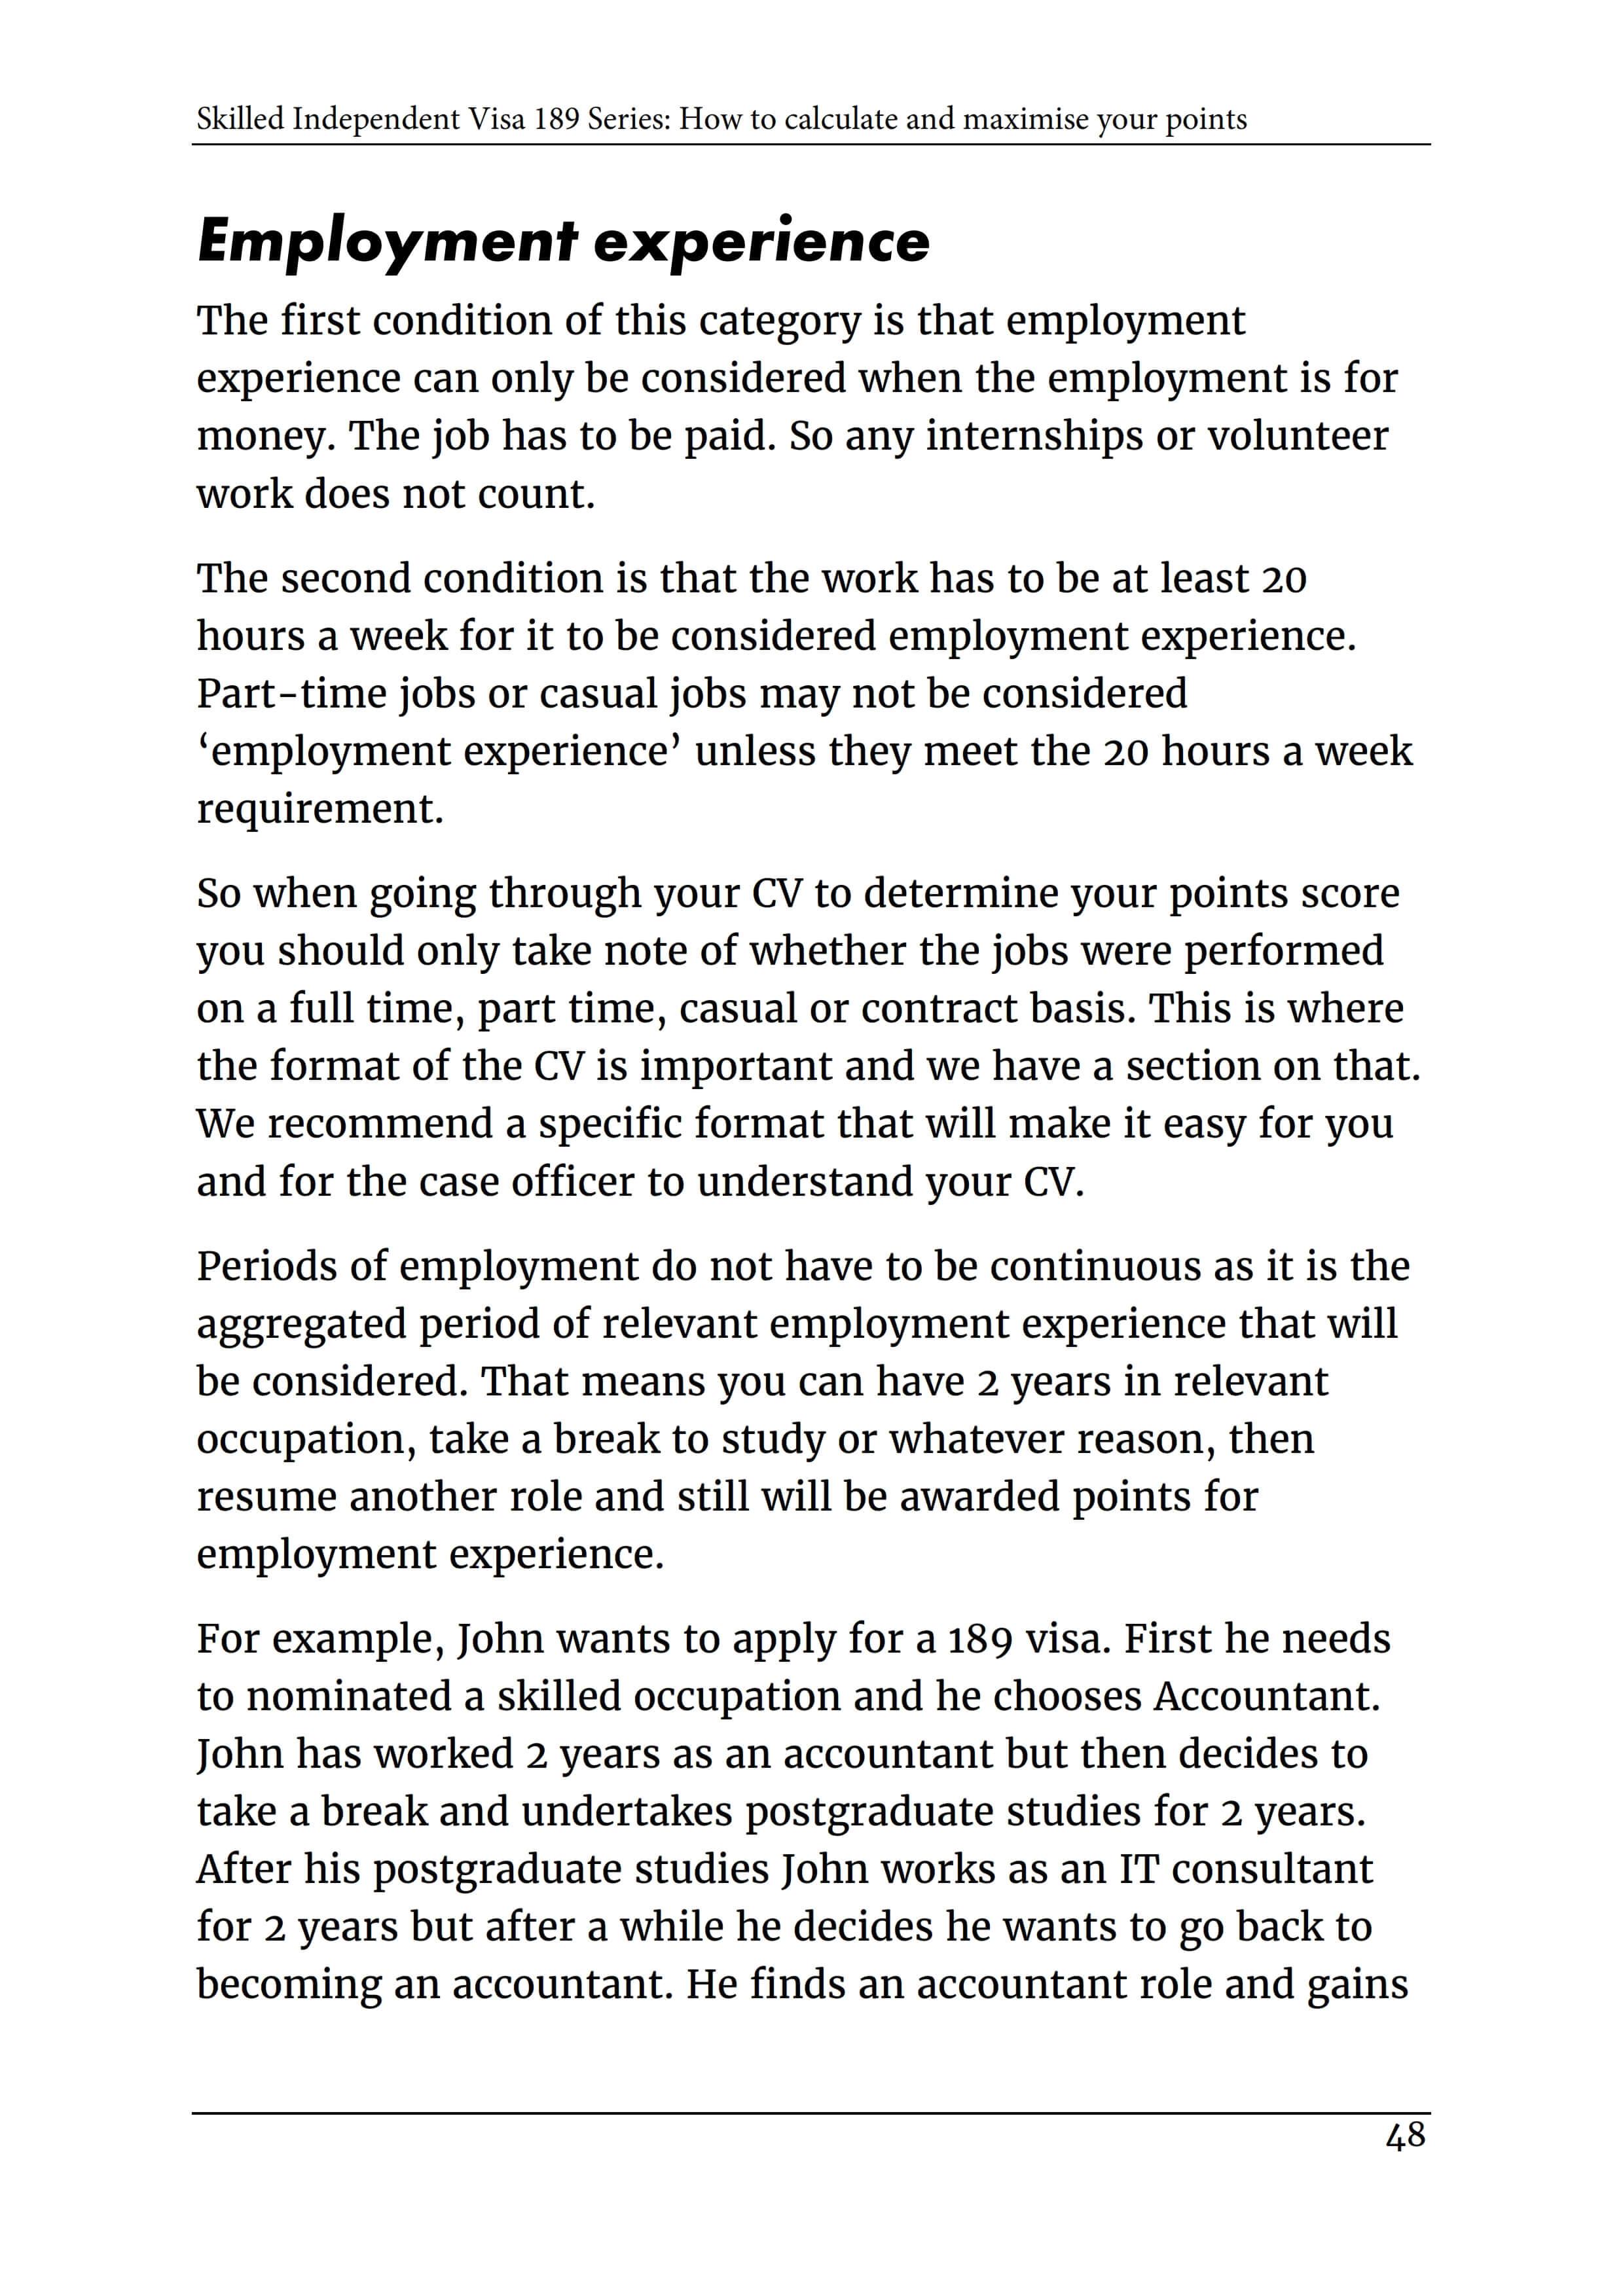 2_Skilled Independent Visa 189 - POINTS TEST [2019]_P49